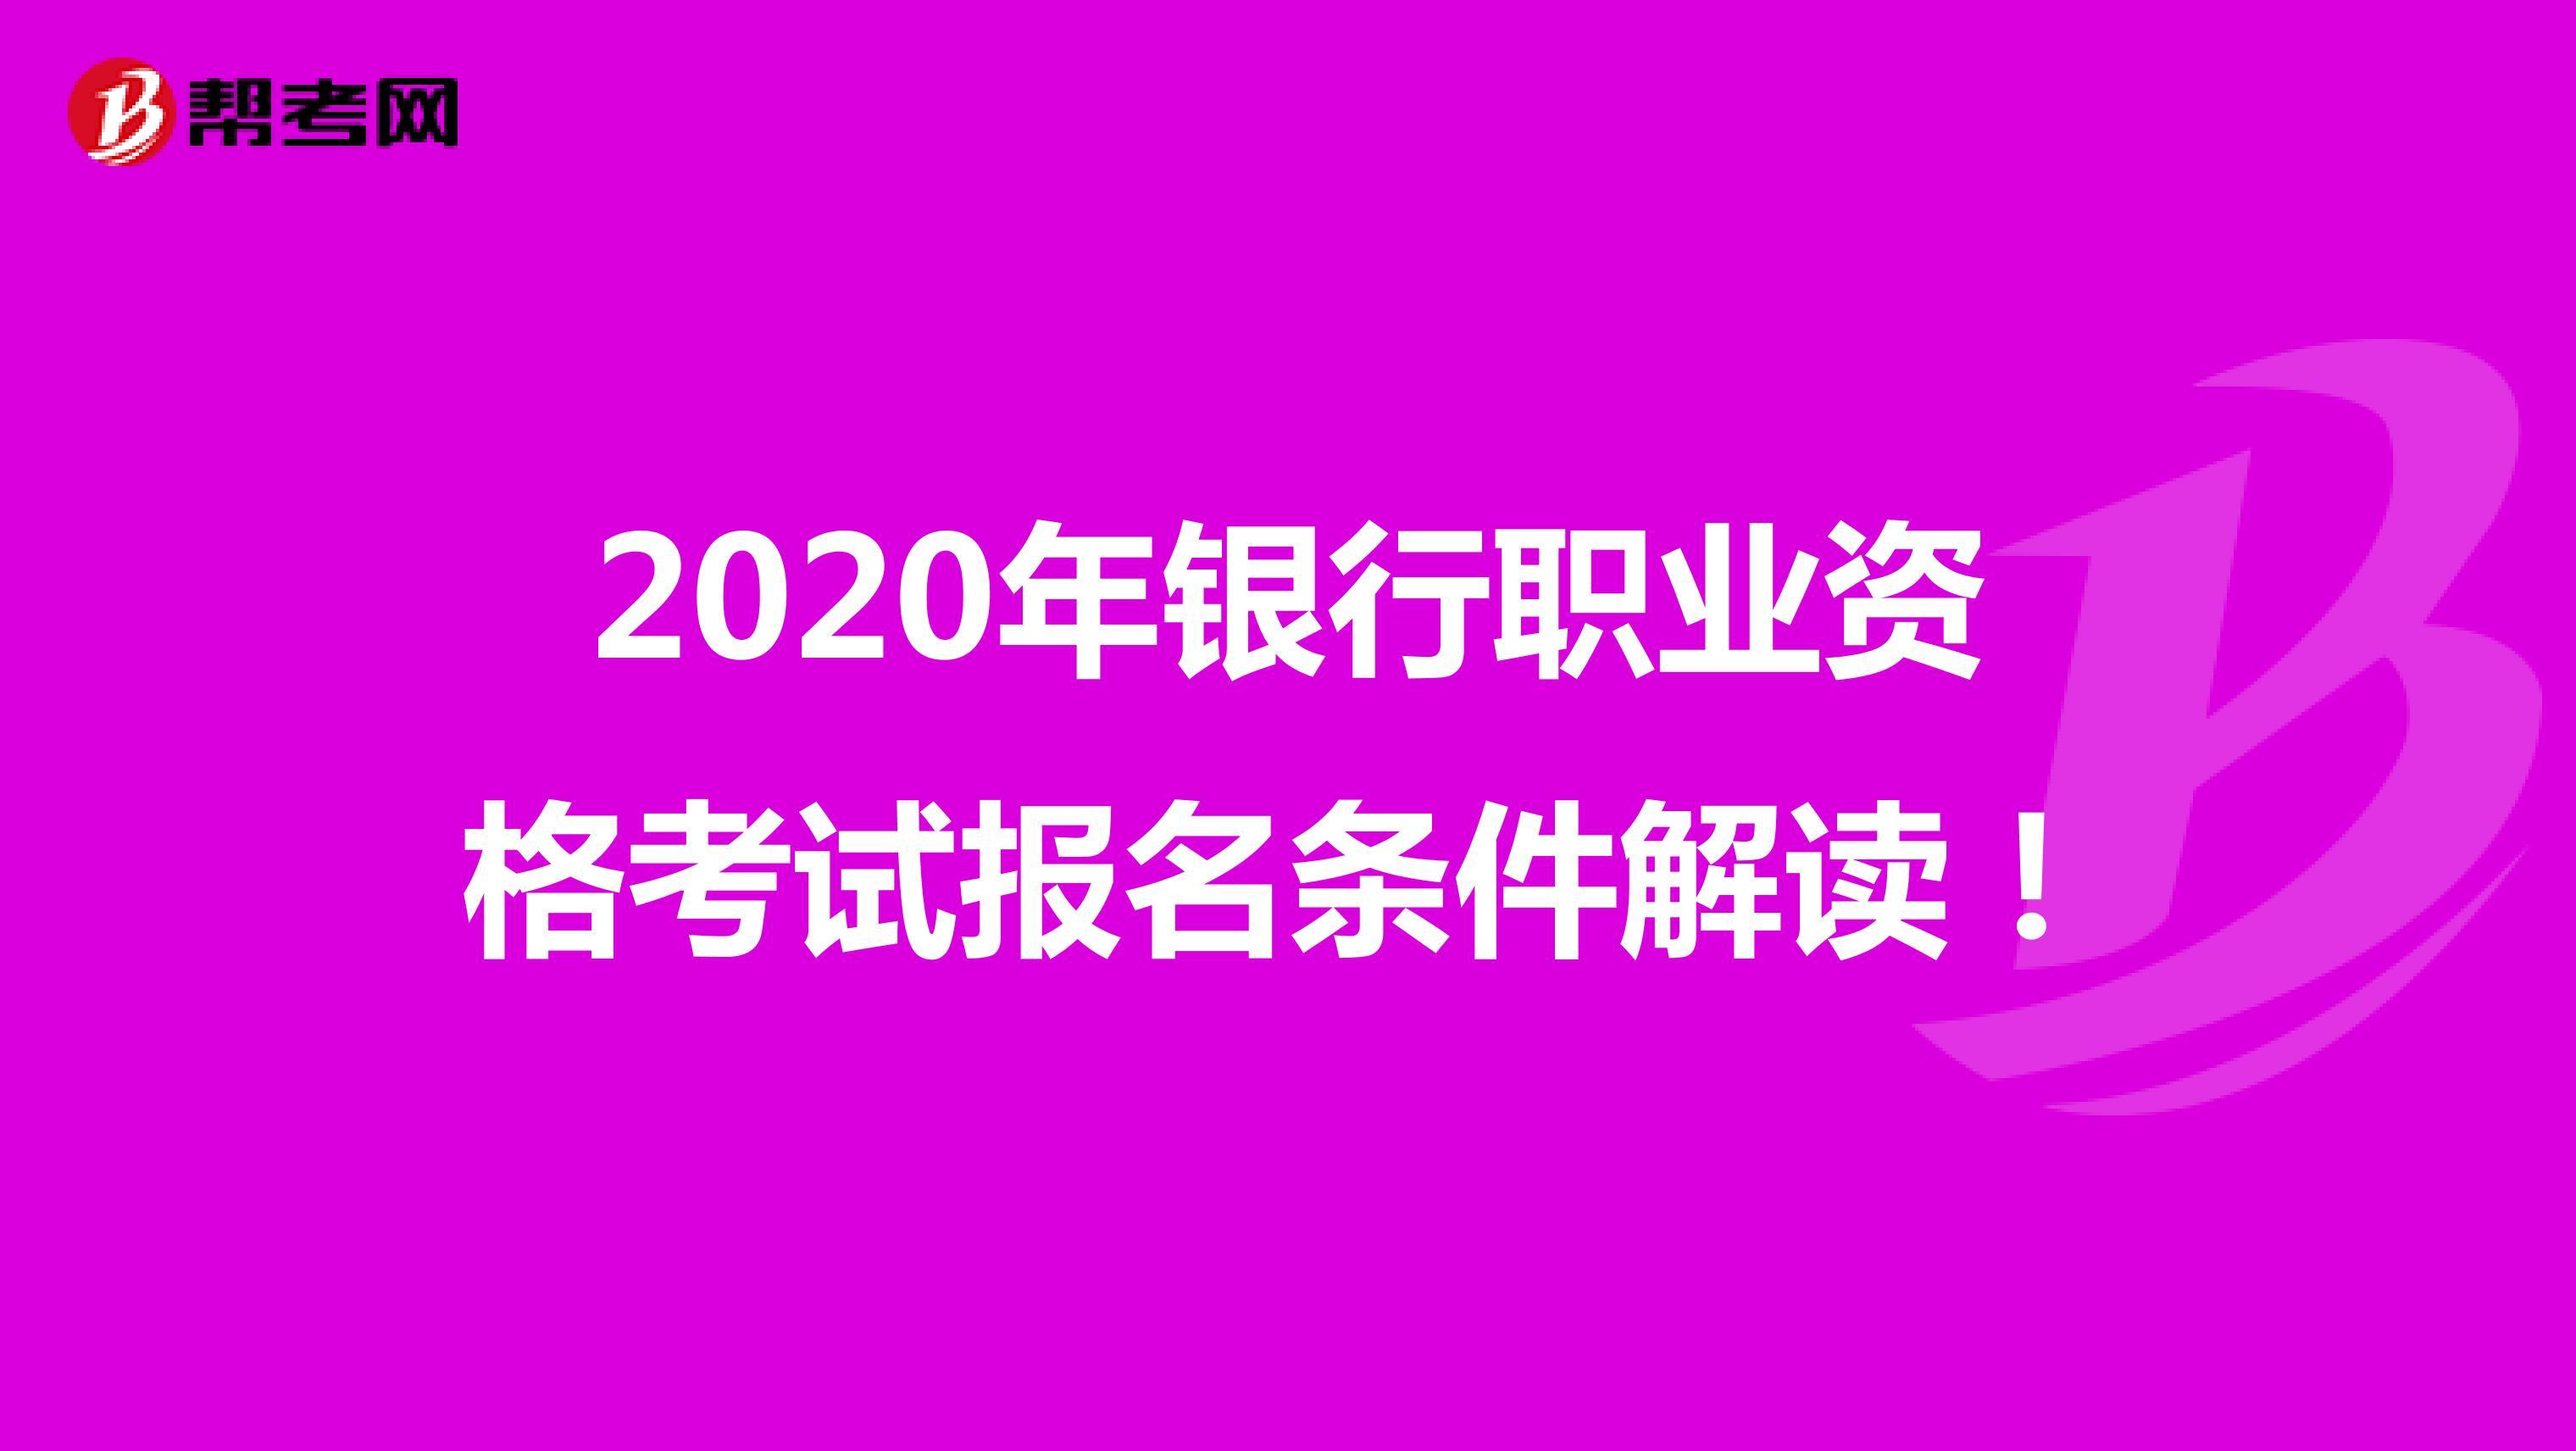 2020年银行初级职业资格考试报名条件解读!